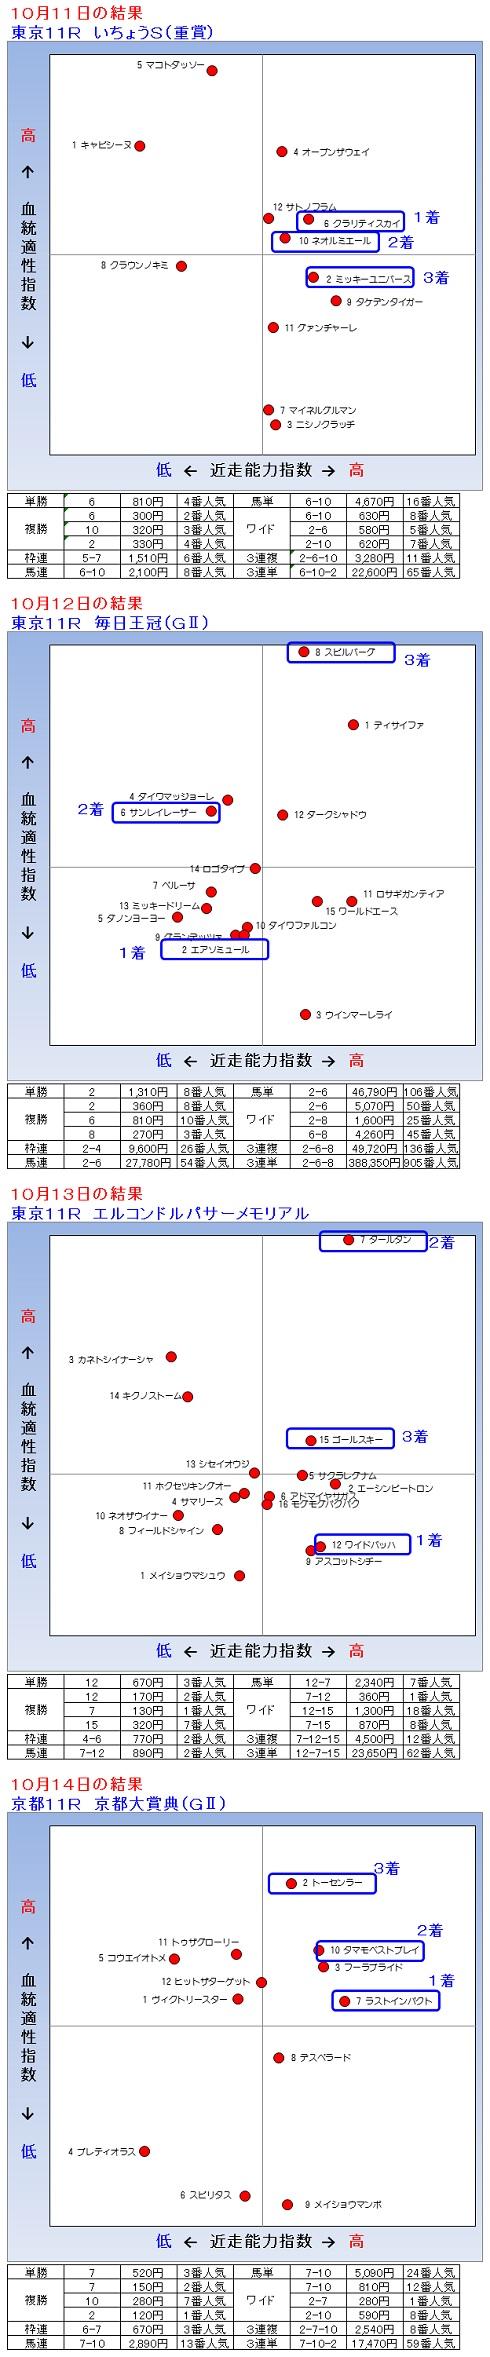 2014-10-11121314結果